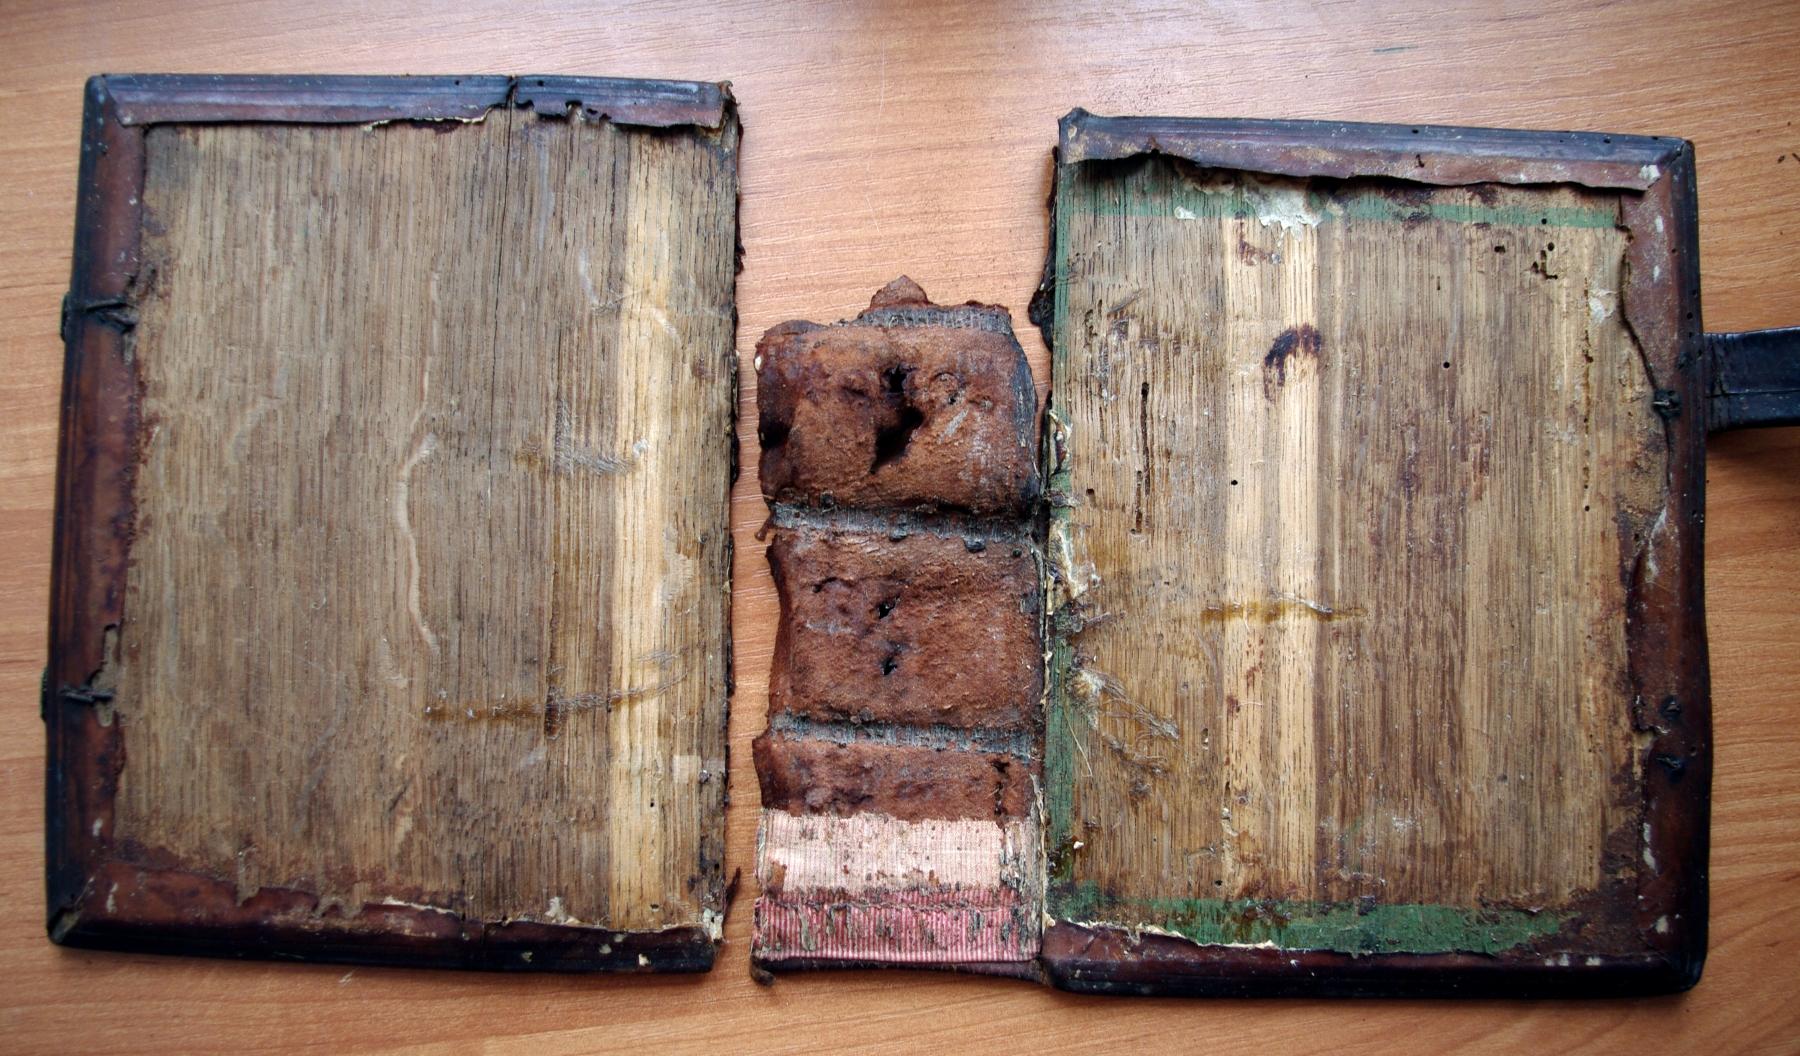 Псалтирь 19 века во время реставрации. Обратная сторона крышек и корешка.